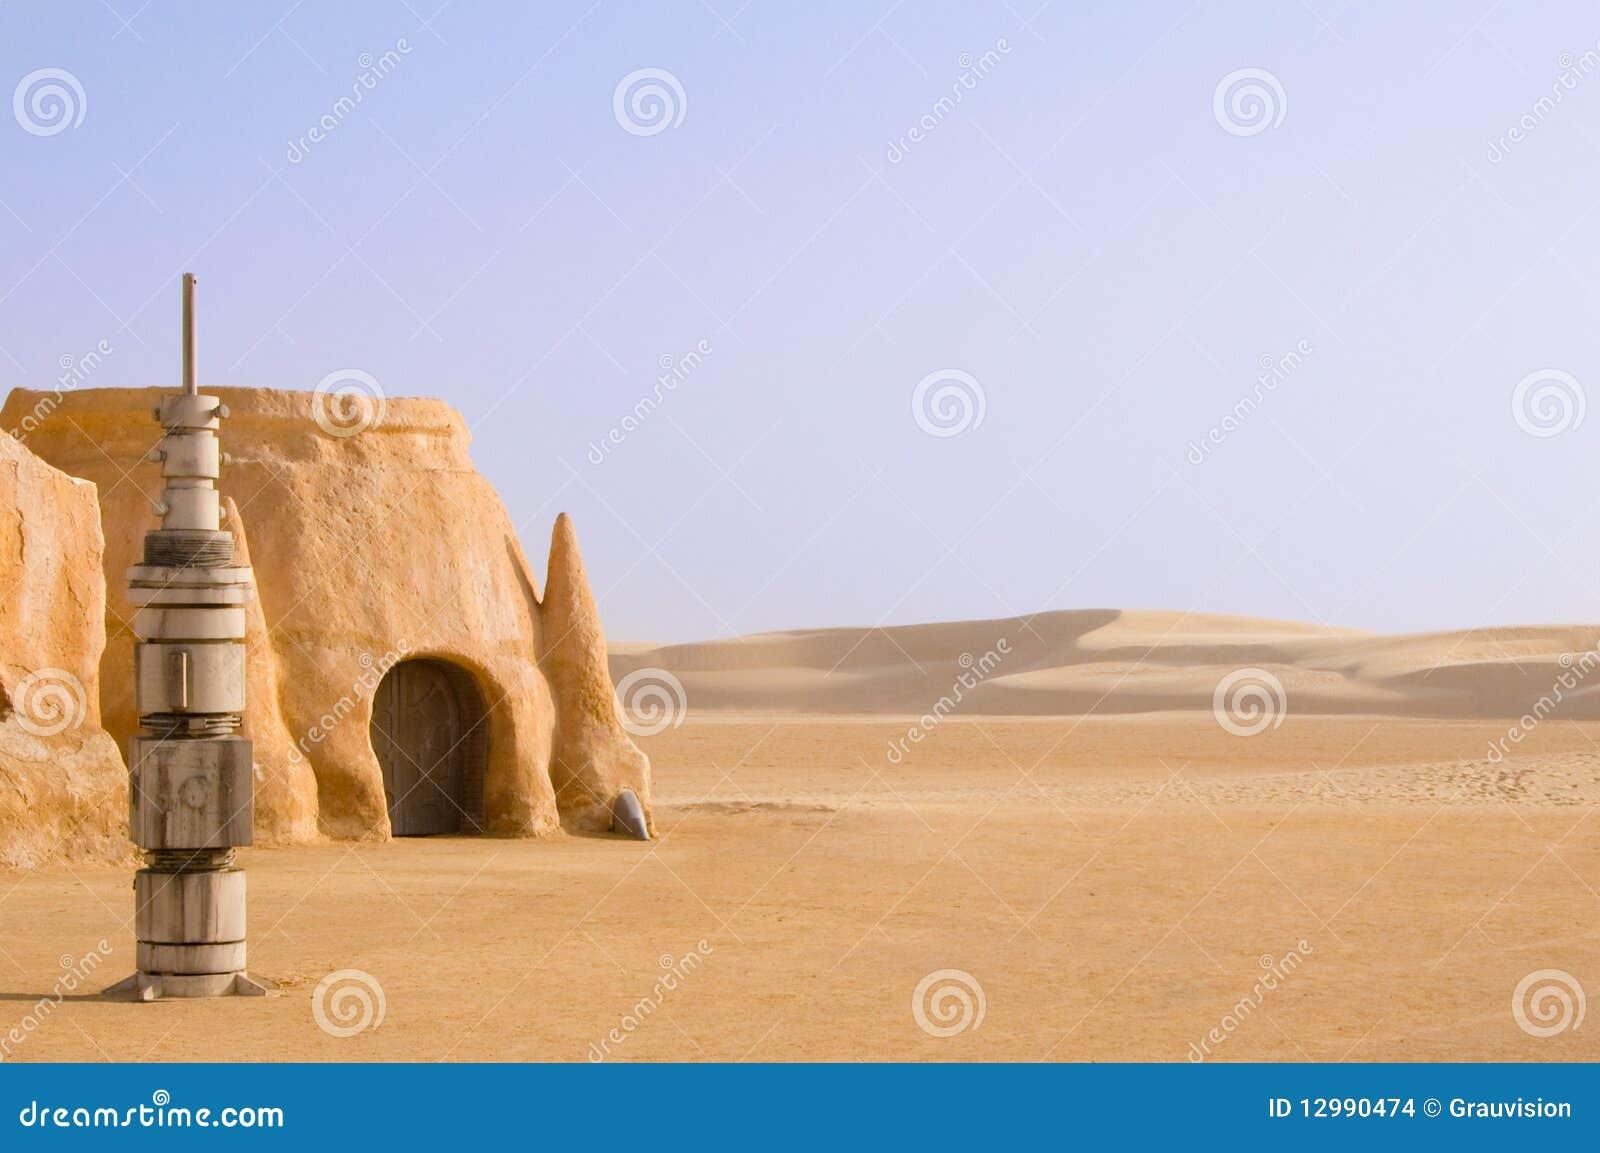 Paysage de tataouine sur un fond des dunes de sable photo - Paysage star wars ...